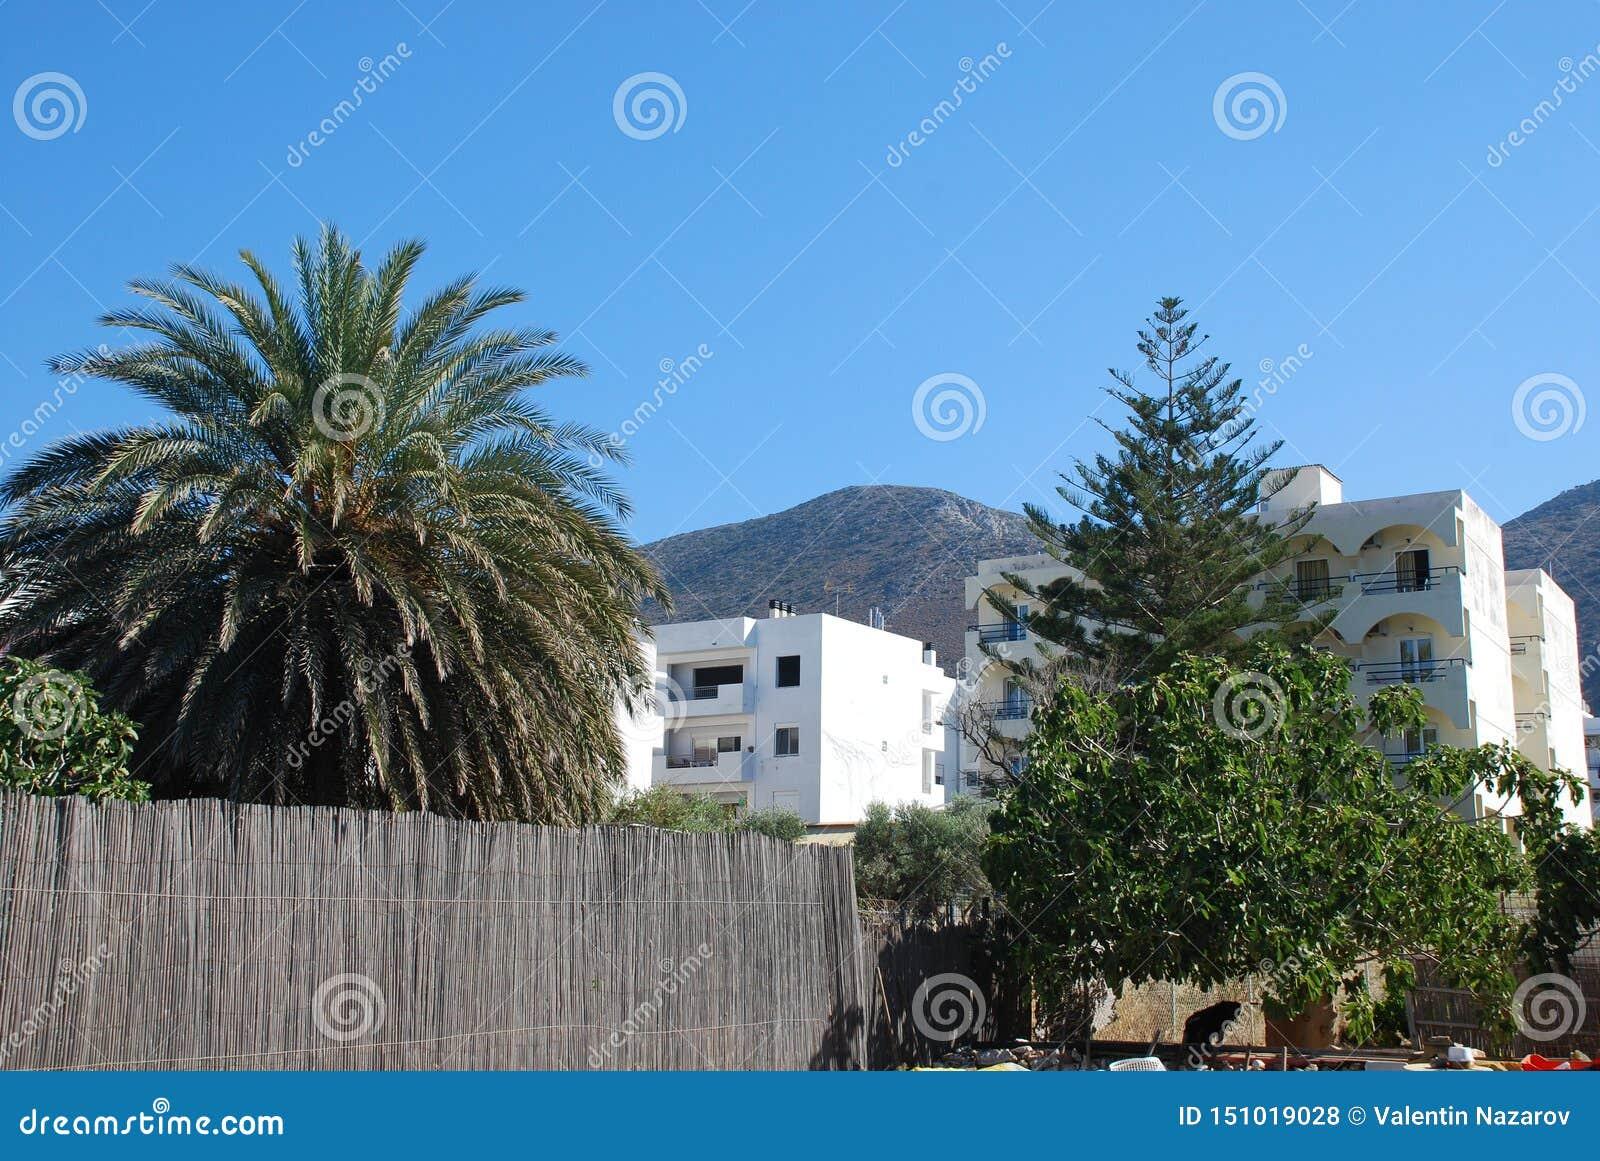 美丽的假日房子和热带树在山背景